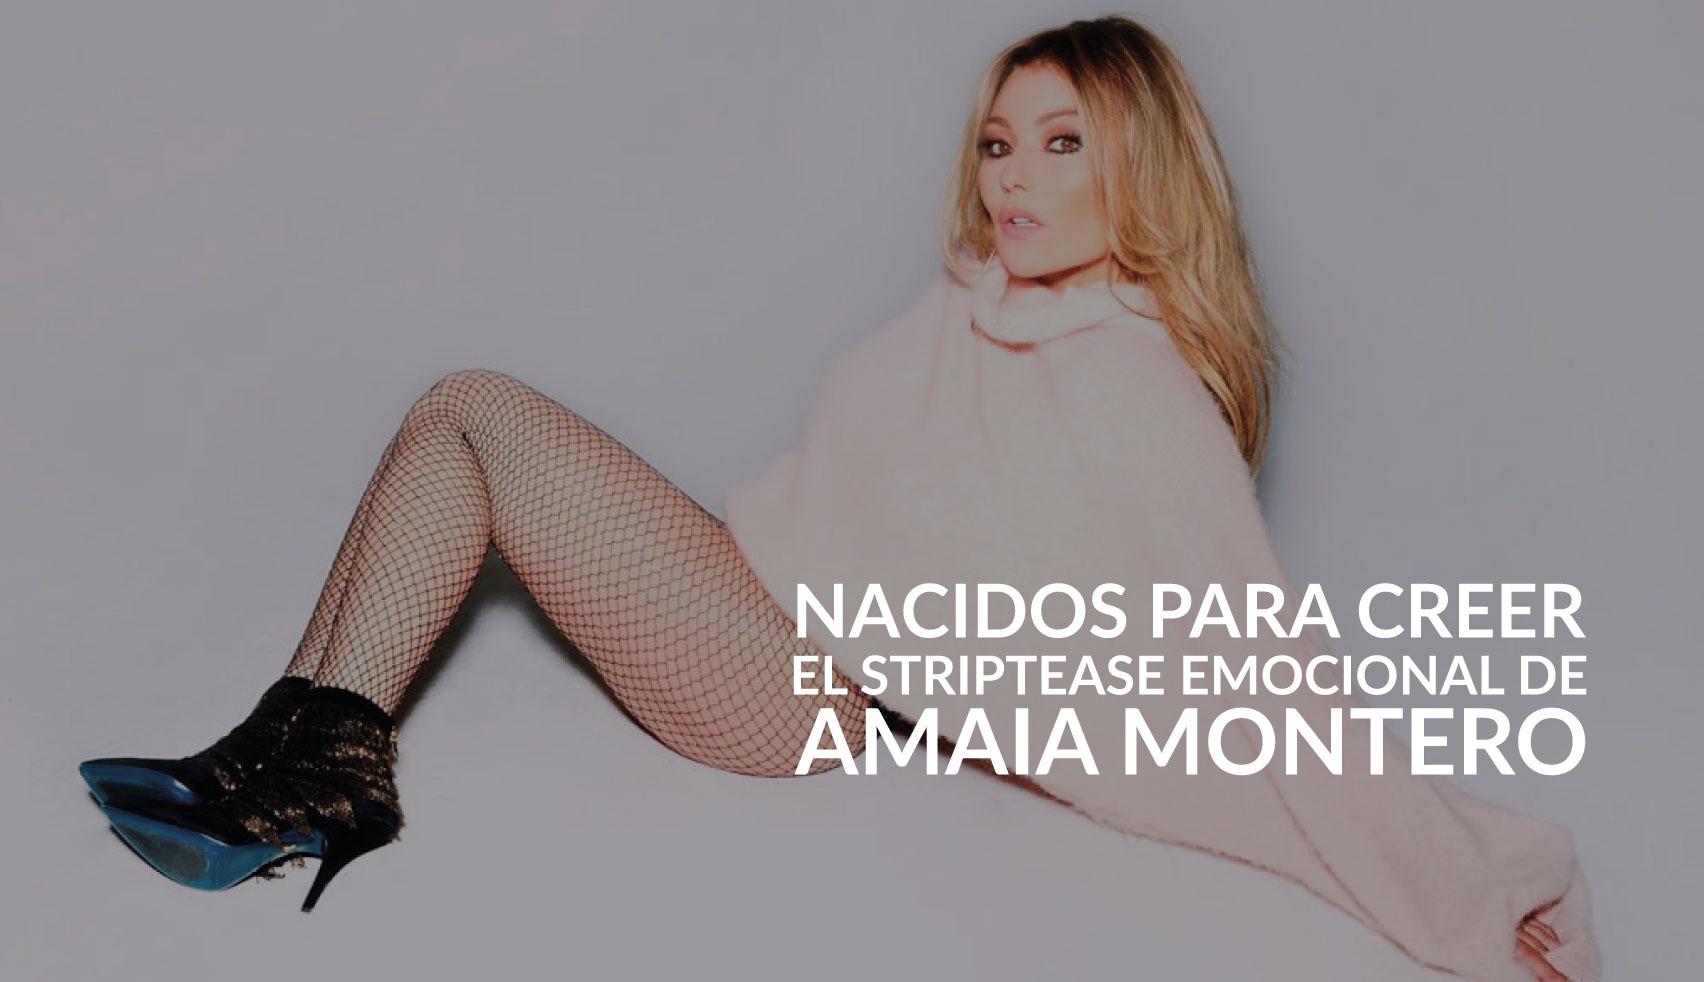 Amaia Montero Nacidos para creer Web